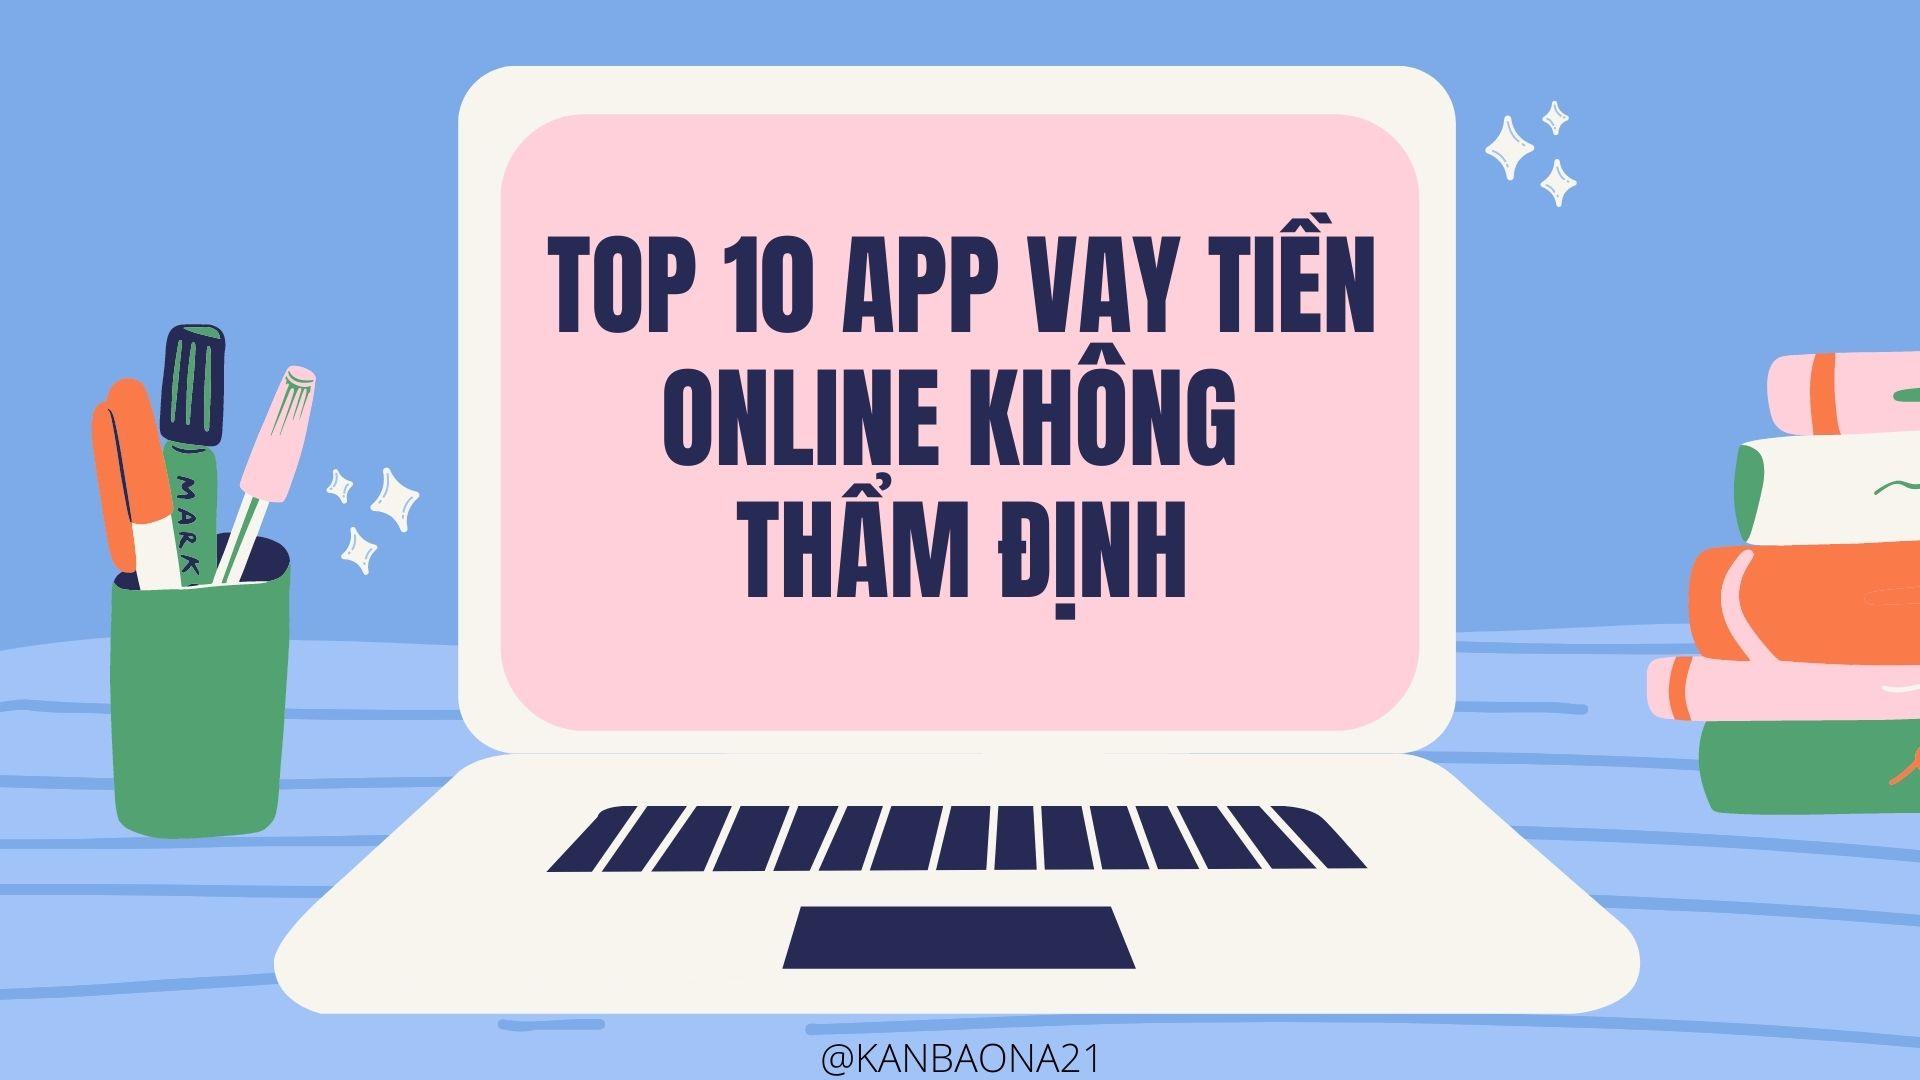 10+ App vay tiền online không thẩm định mới nhất [T8/2021]